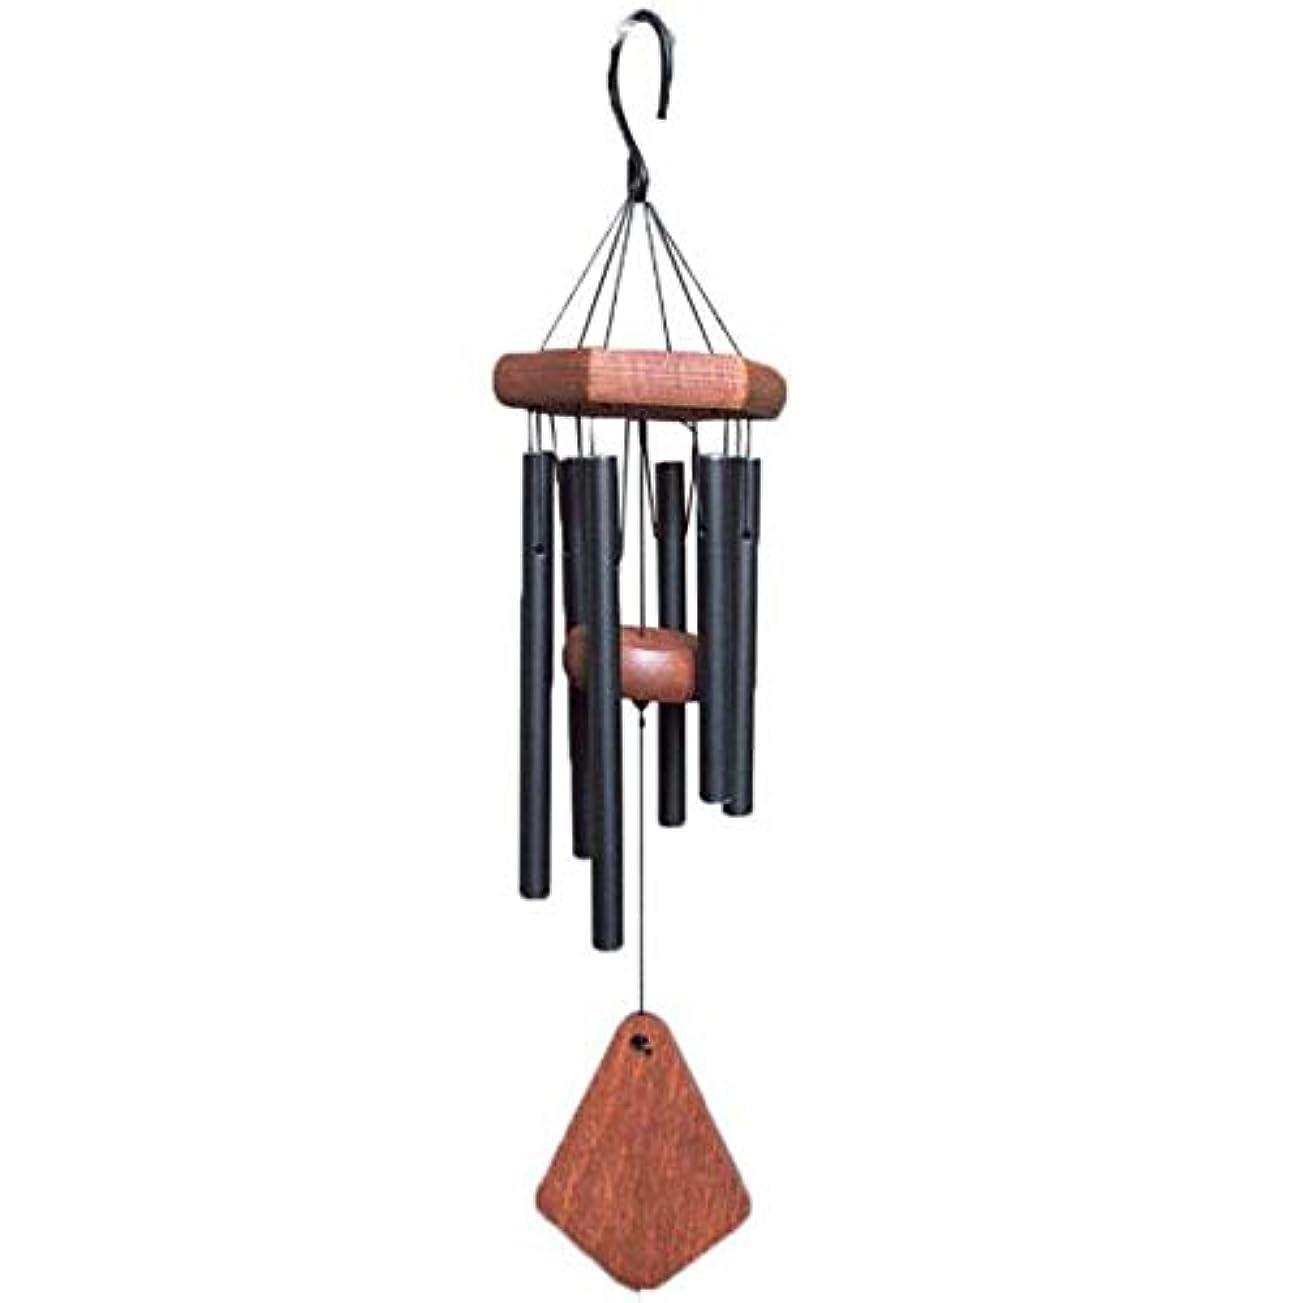 上がる広範囲にゲージYougou01 風チャイム、メタル6チューブ風の鐘、ブラック、全身について52CM 、創造的な装飾 (Color : Black)